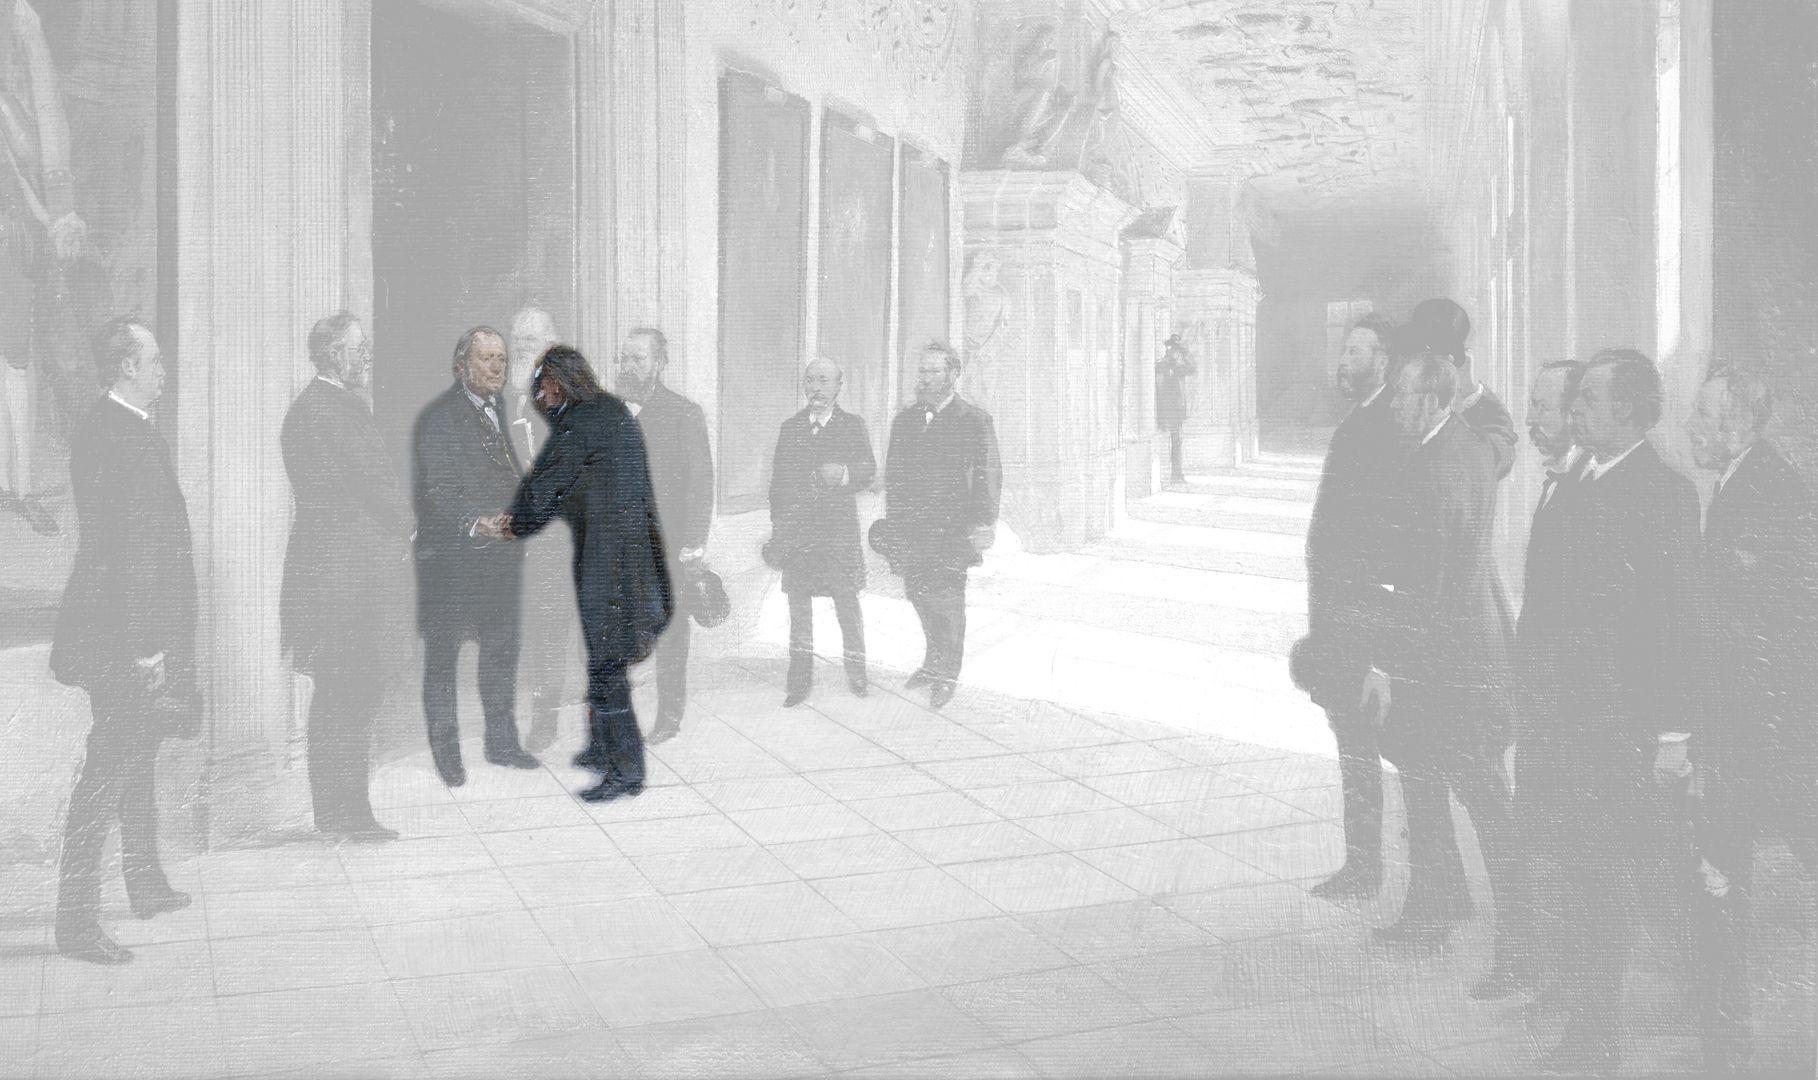 70. Geburtstag Karl Crämers Otto Erhard / 26.9.1829 Forheim im Bayrischen Kreis Schwaben – 16.9.1888 Nürnberg / königl. Advokat, Rechtsanwalt, Gemeindebevollmächtigter, Landrat, langjähriger Reichstagsabgeordneter